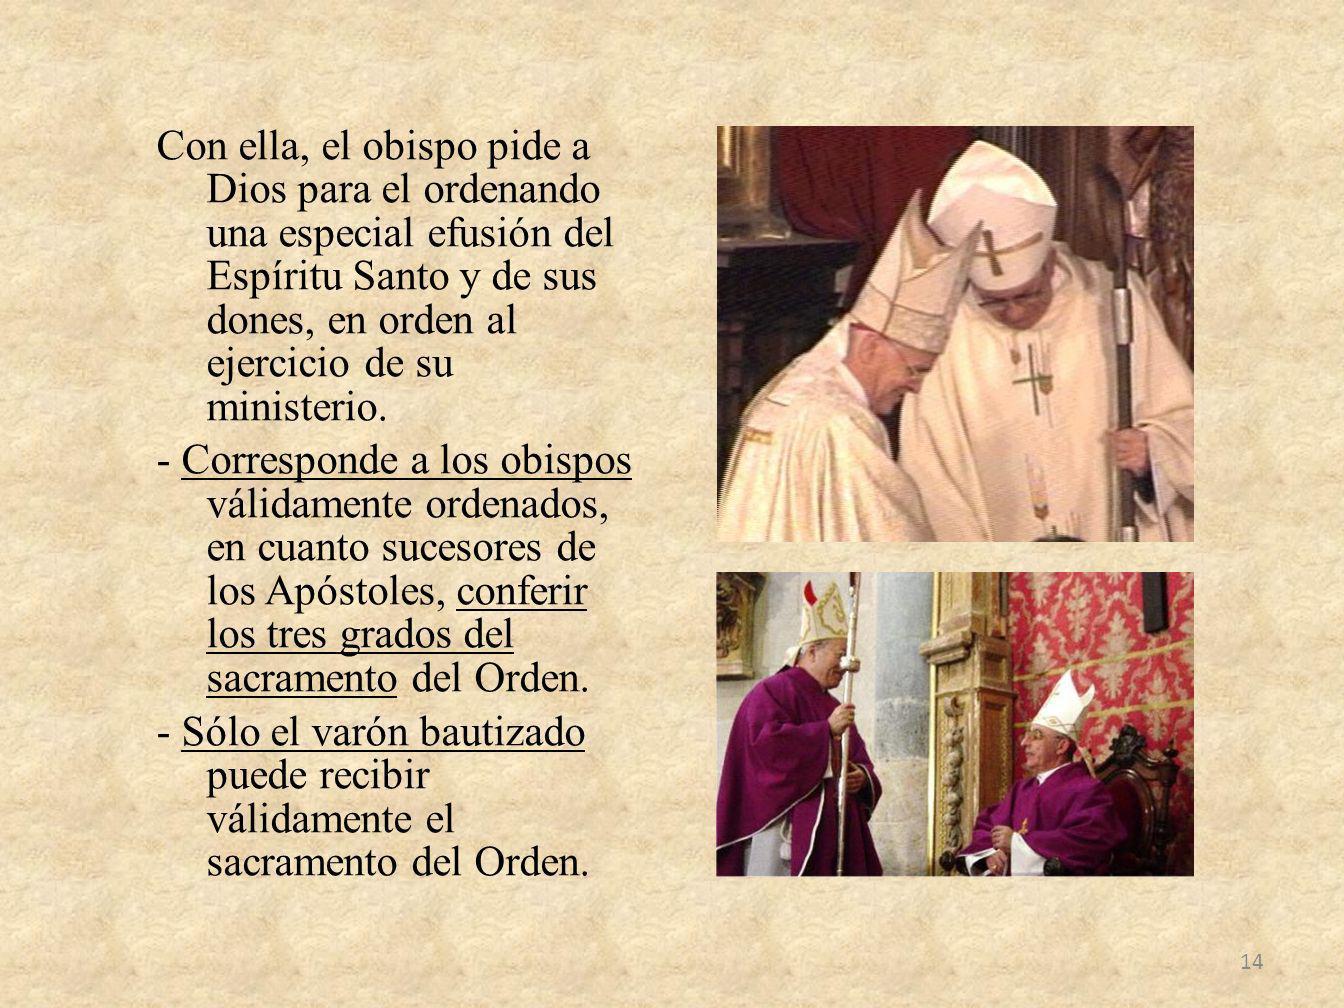 Con ella, el obispo pide a Dios para el ordenando una especial efusión del Espíritu Santo y de sus dones, en orden al ejercicio de su ministerio.